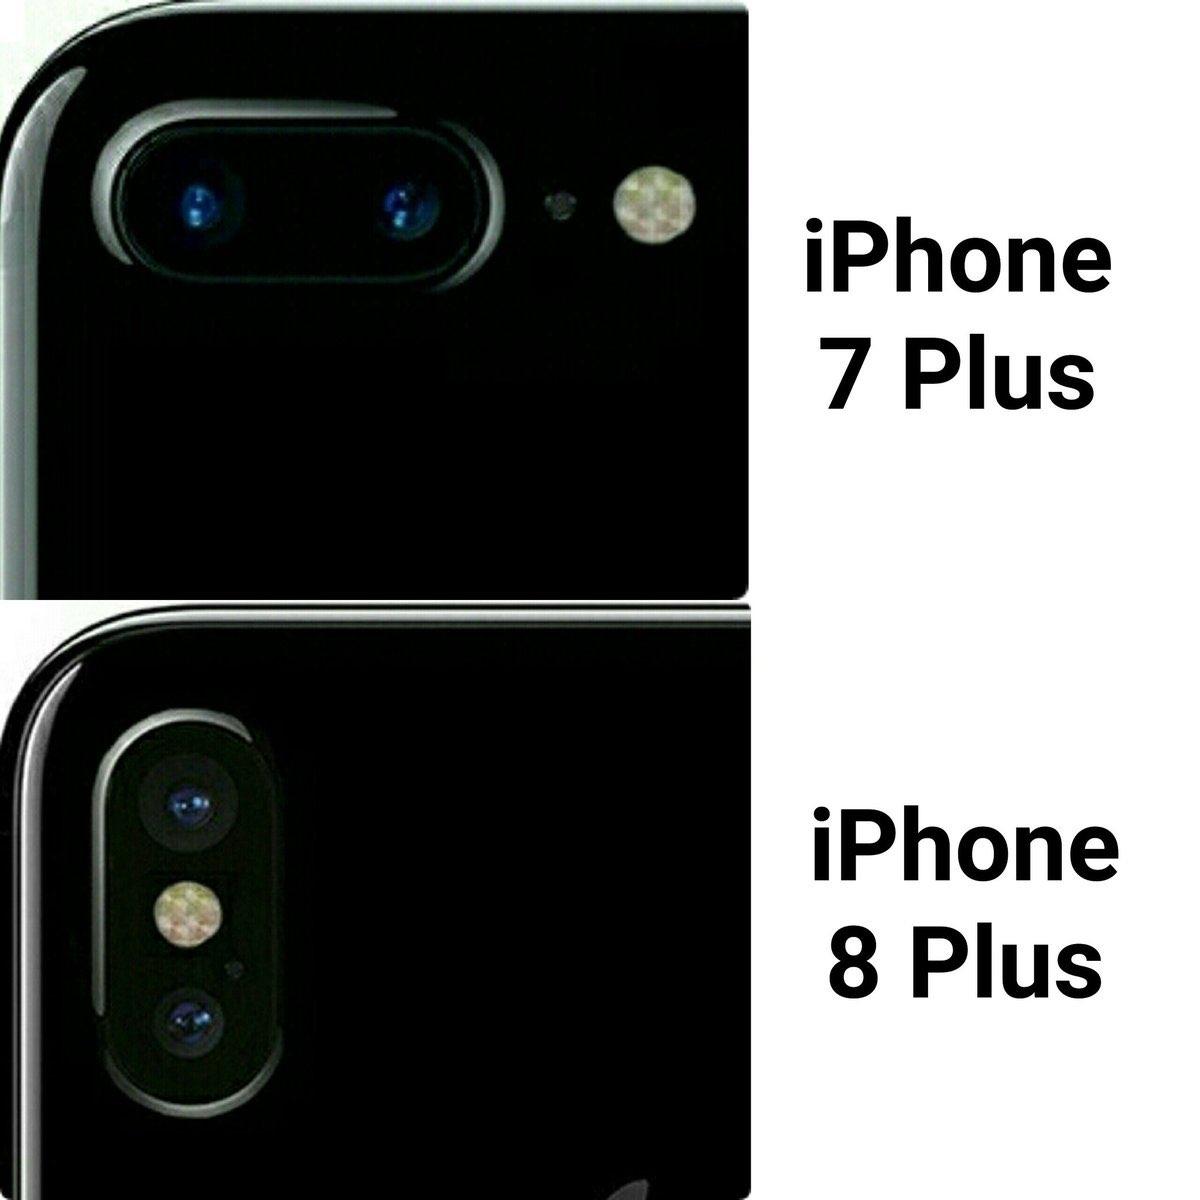 Carregamento sem fio do iPhone 8 será 'lento', aponta site